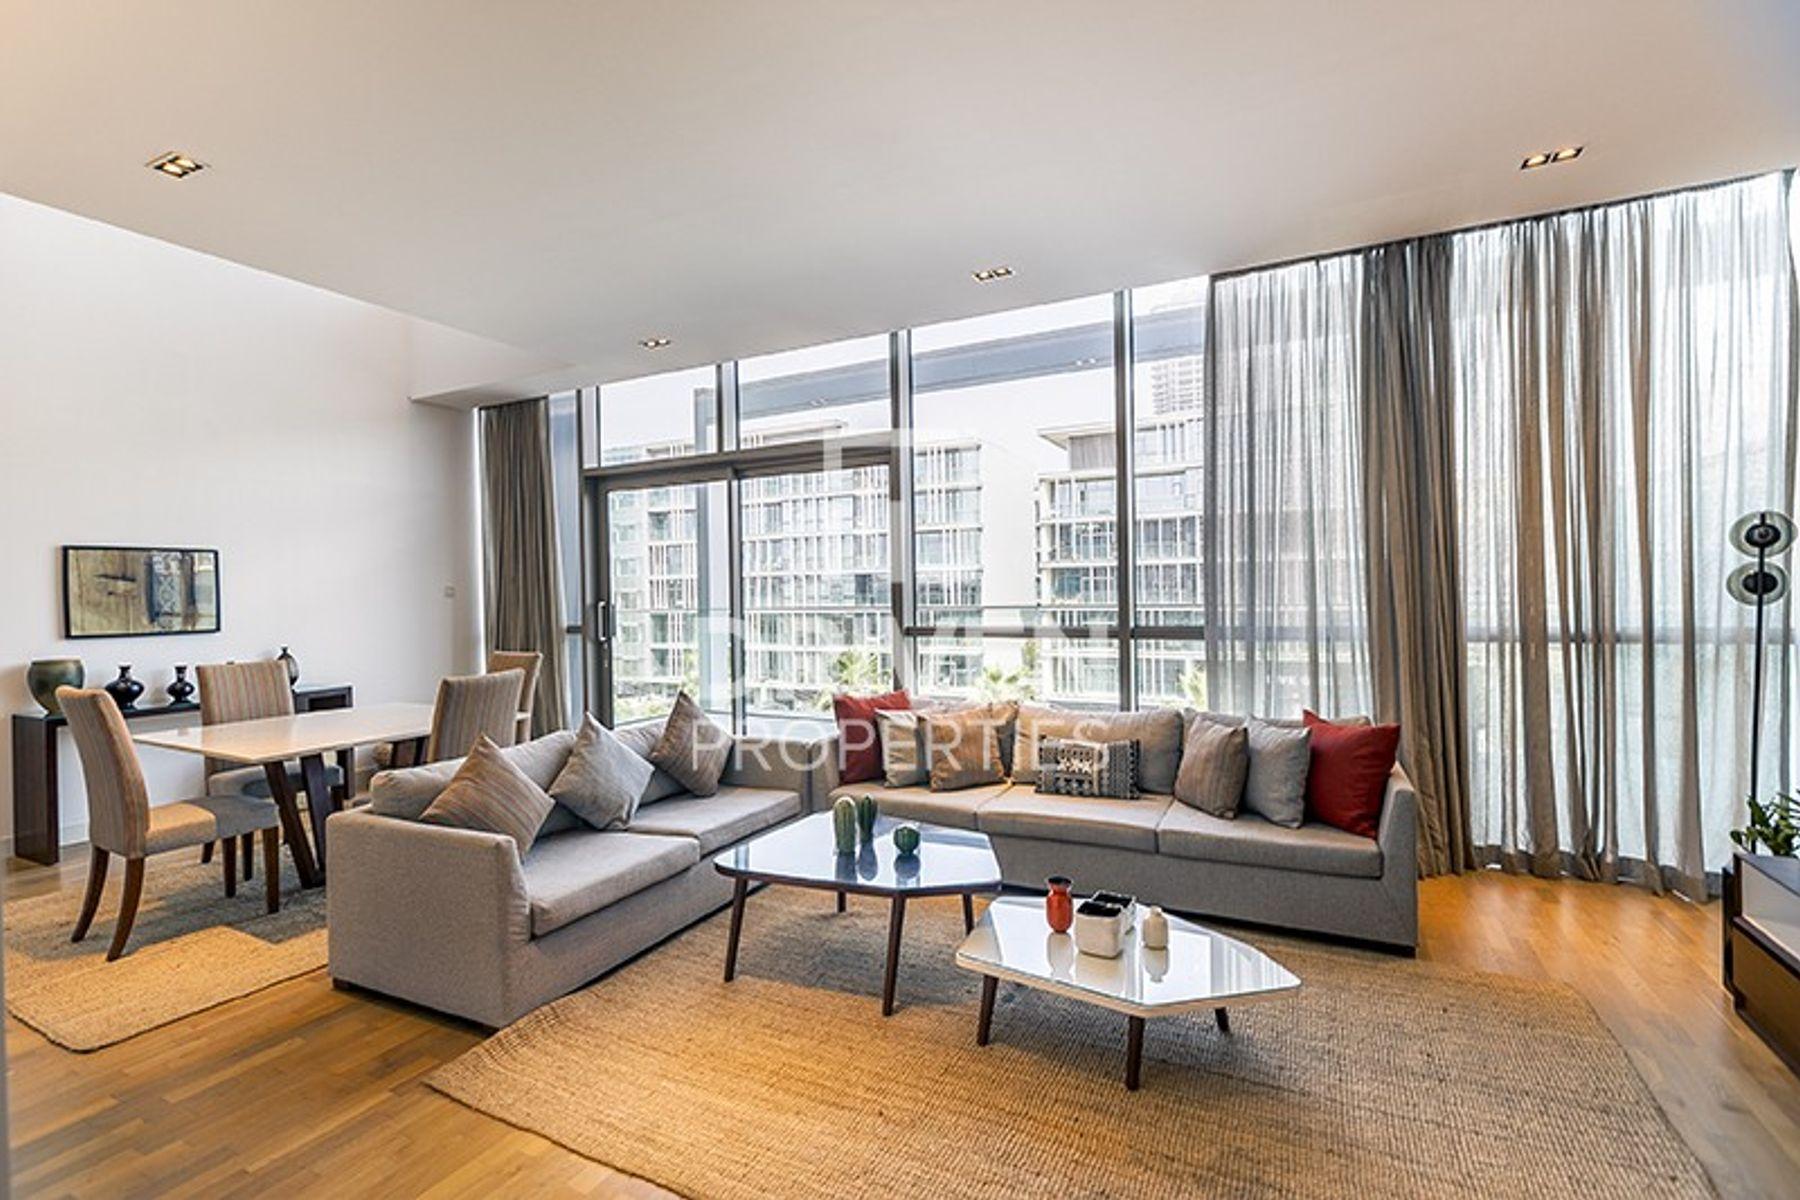 Furnished 2BR Duplex with Burj Khalifa Views